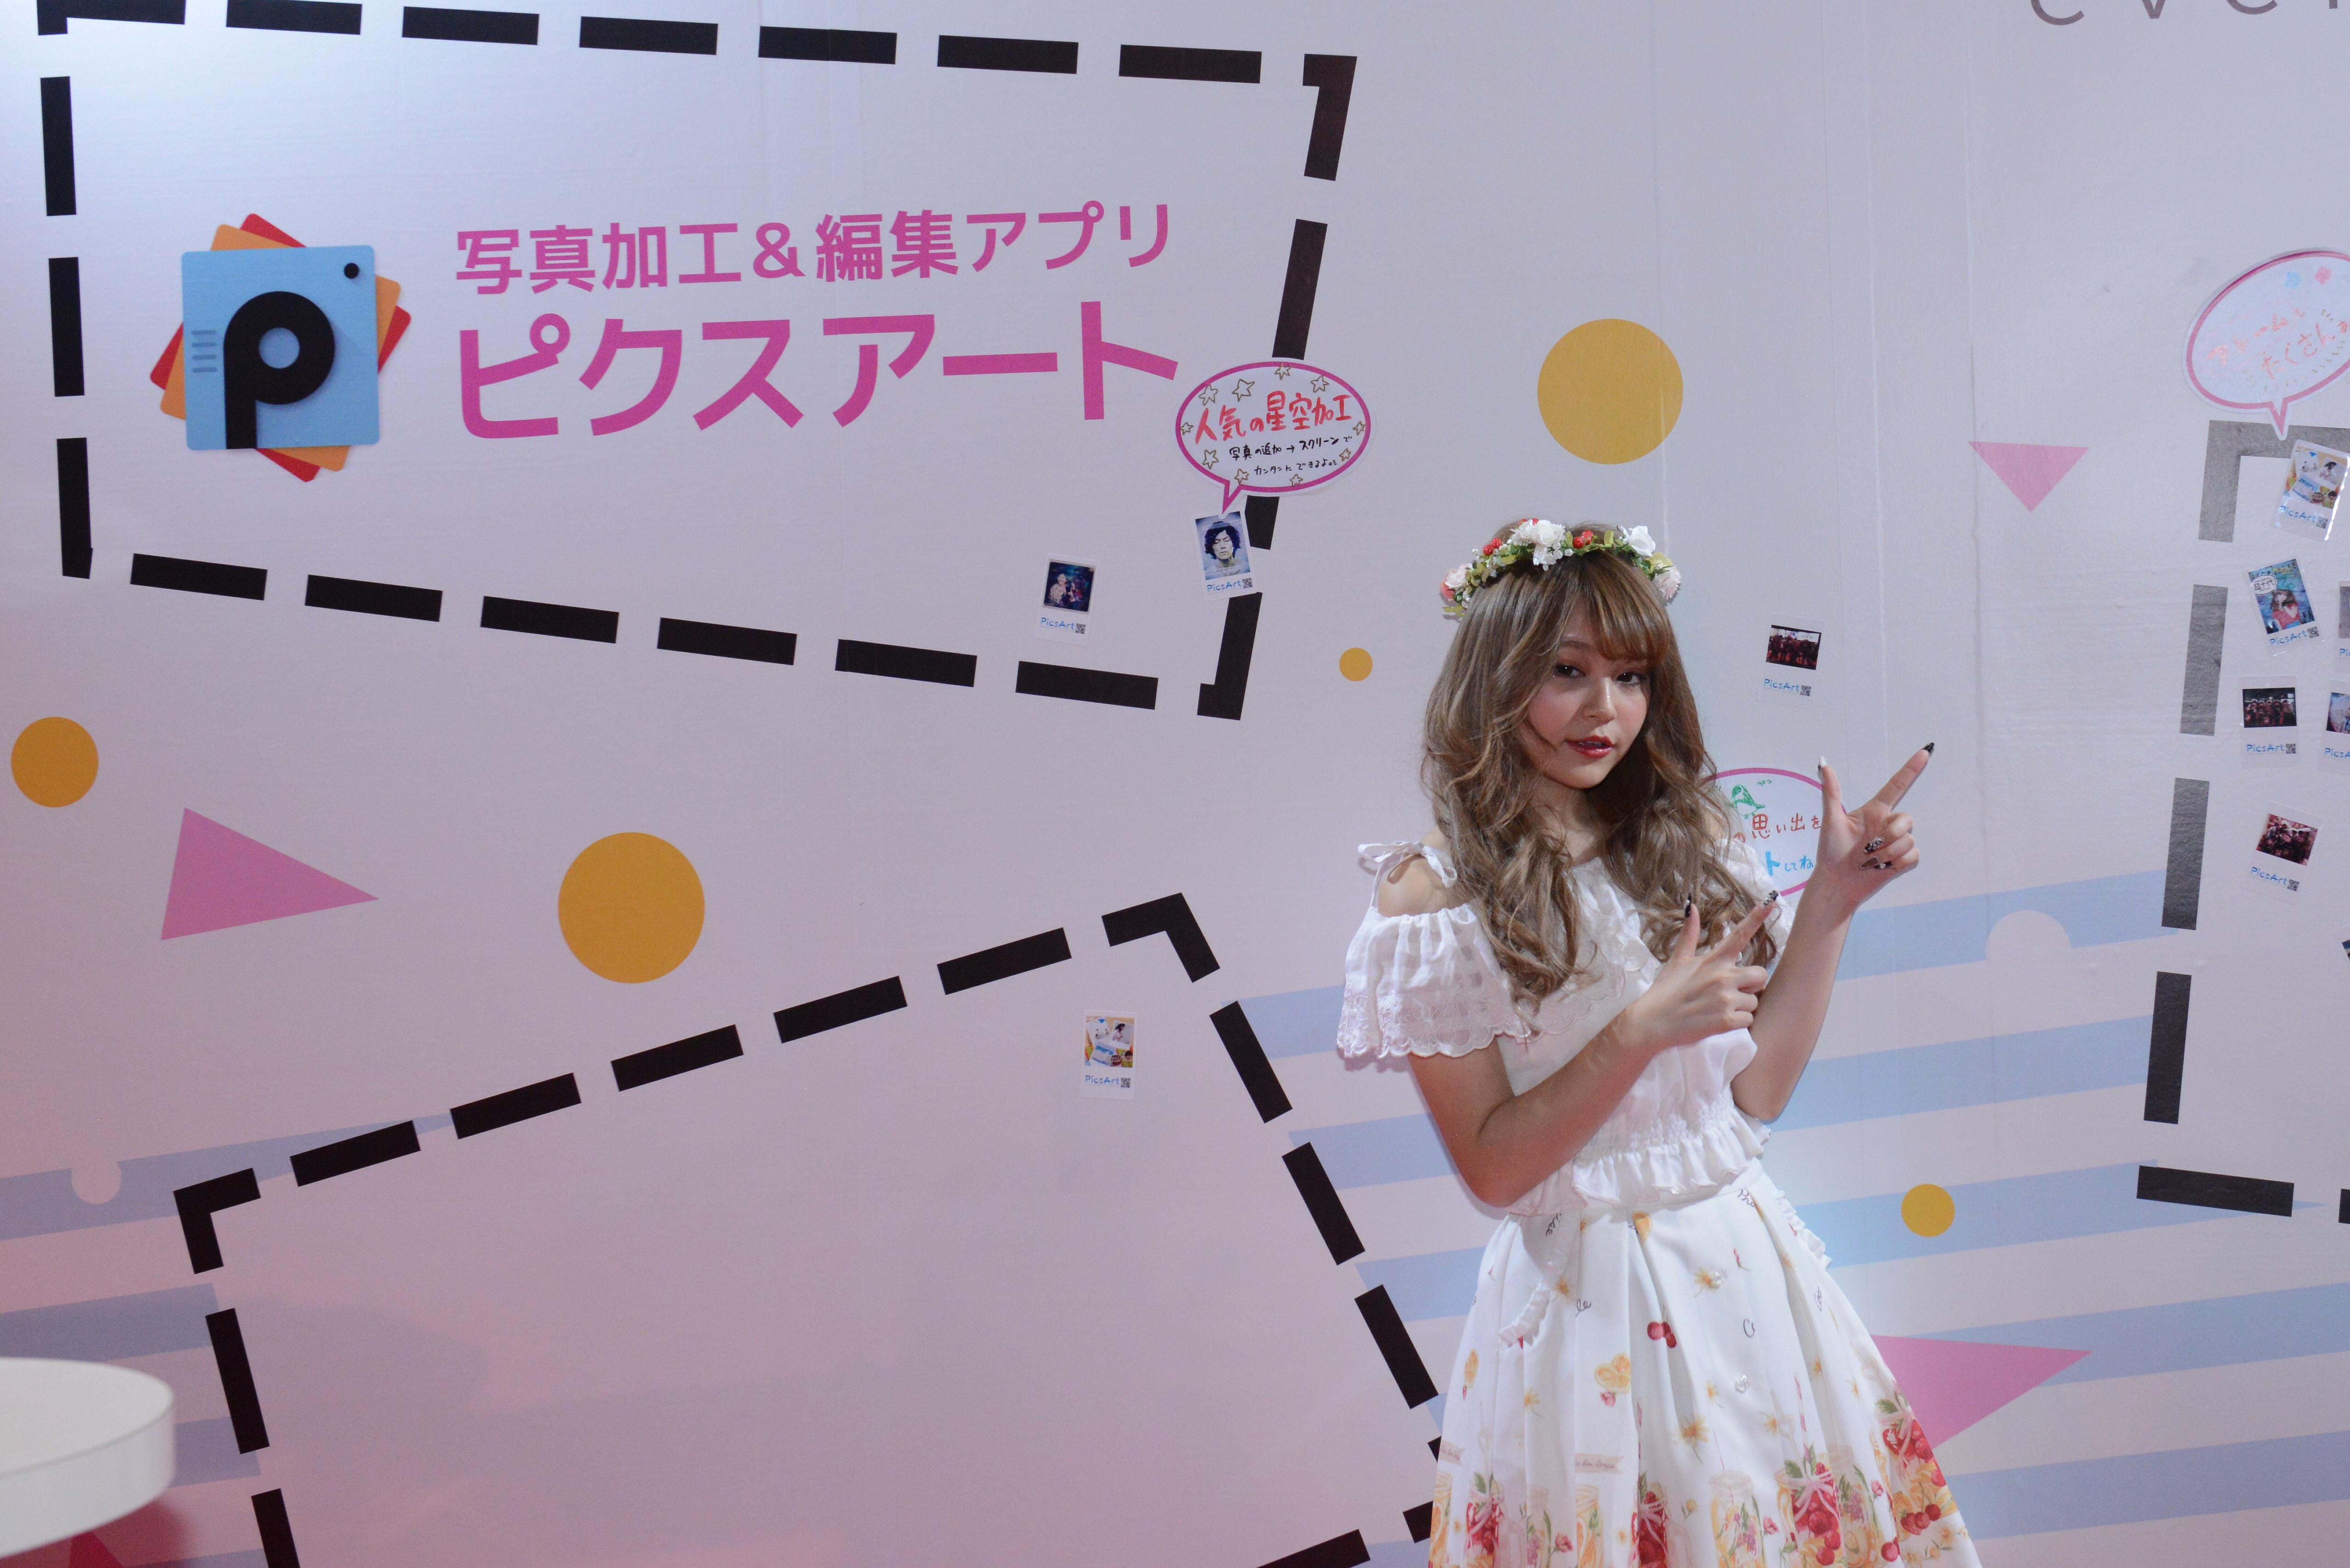 Reina Tsuchiya 土屋 怜菜 at Ultra Teens Fest Tokyo - PicsArt Blog